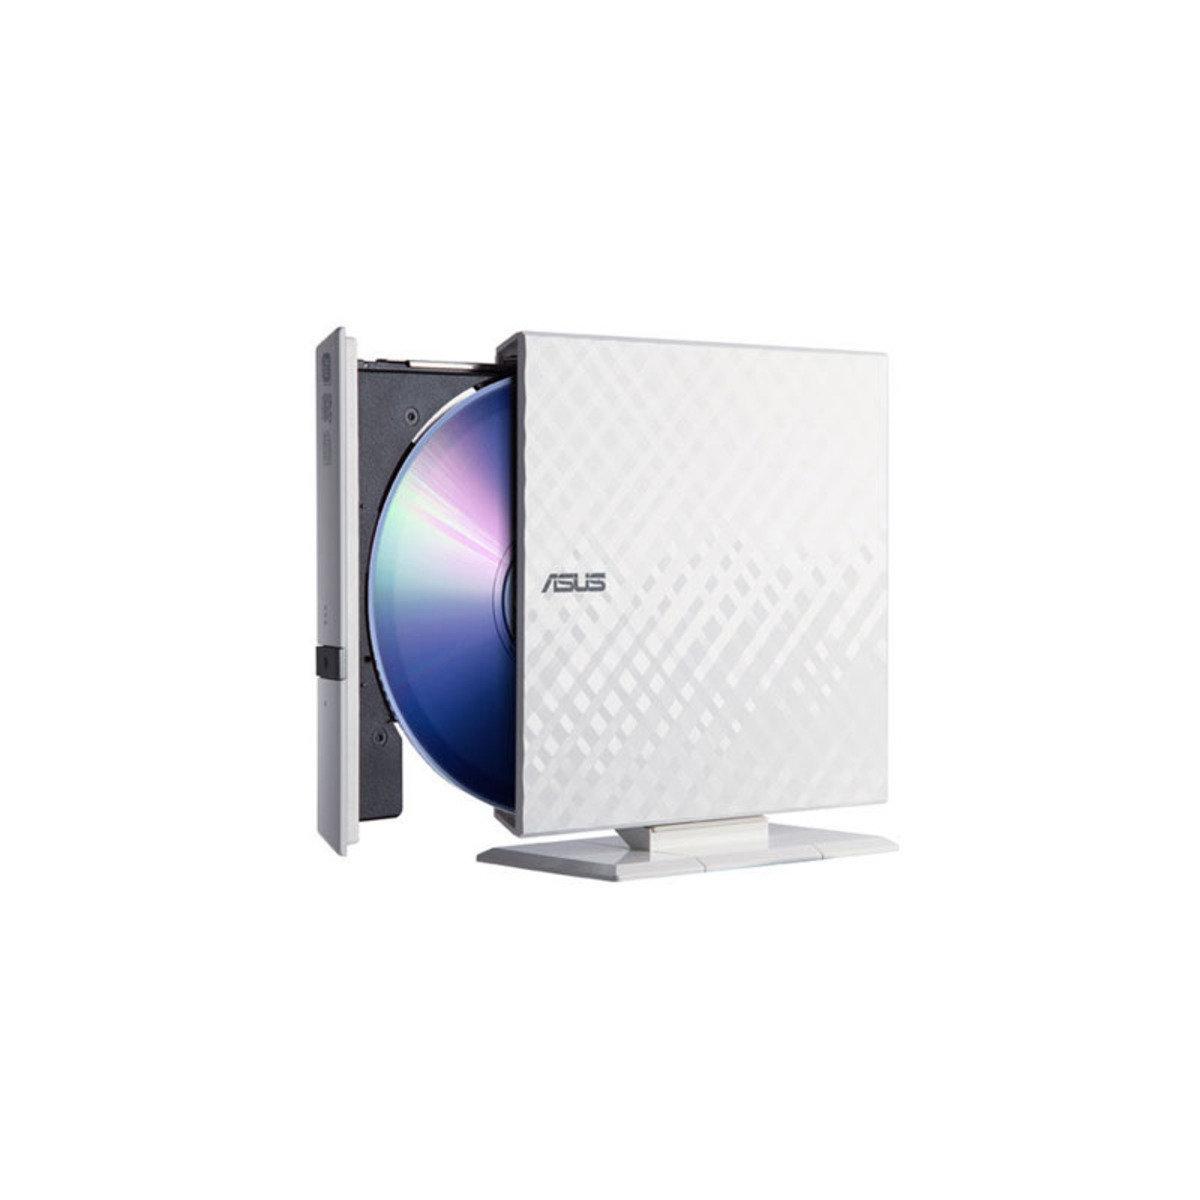 便攜式外置USB2.0 光碟燒錄機 SDRW-08D2S-U 白色